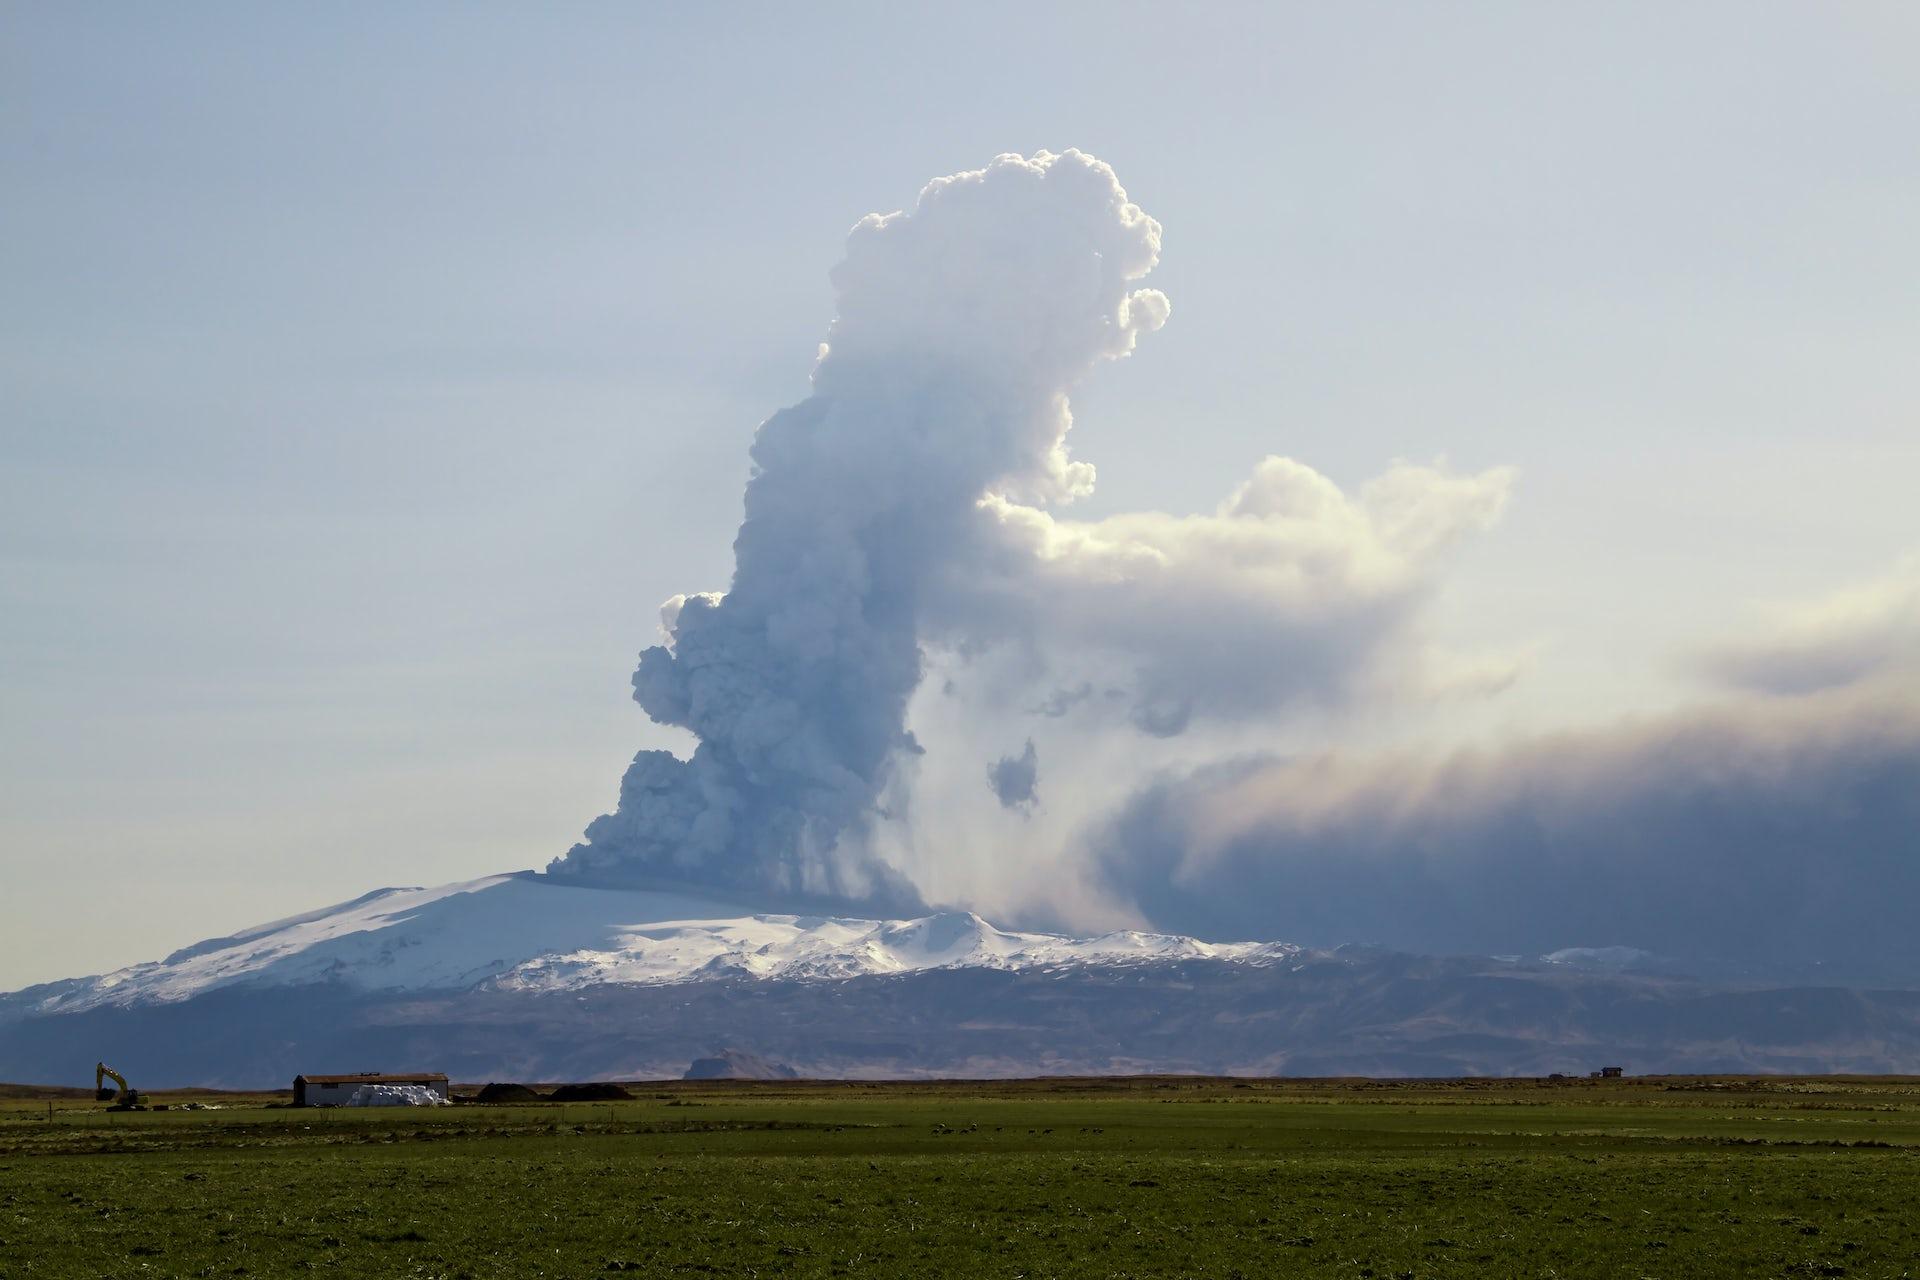 La erupción del volcán islandés Eyjafjalla en 2010 provocó la cancelación del tráfico aéreo en el noroeste de Europa.